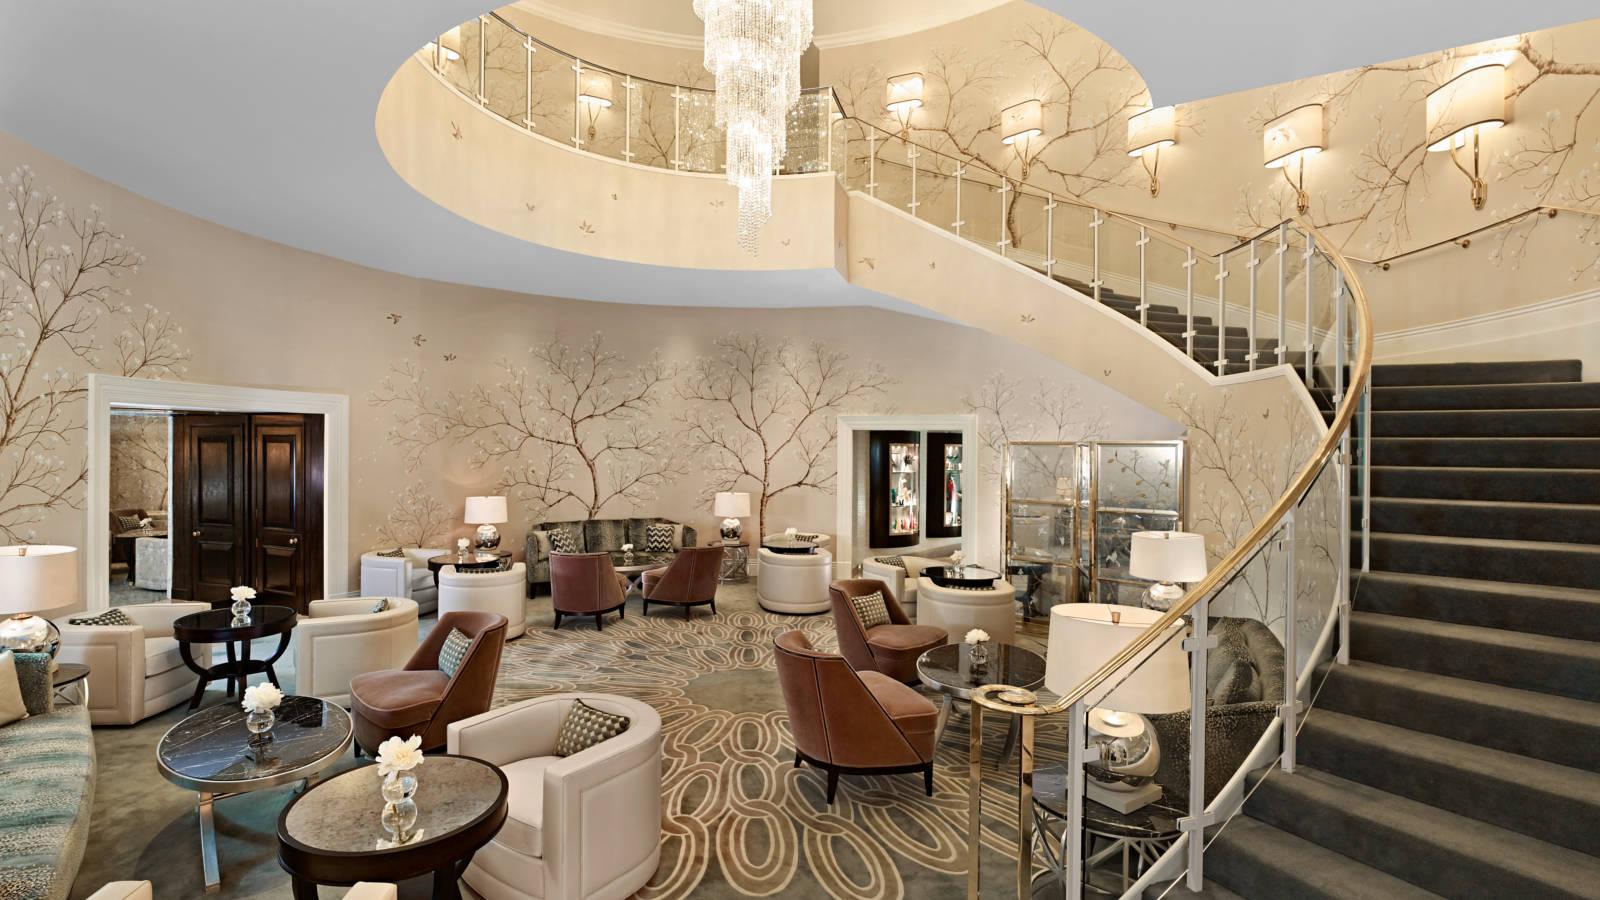 ザ・パークタワー・ナイツブリッジ・ラグジュアリー・コレクション・ホテルのナイツブリッジラウンジ